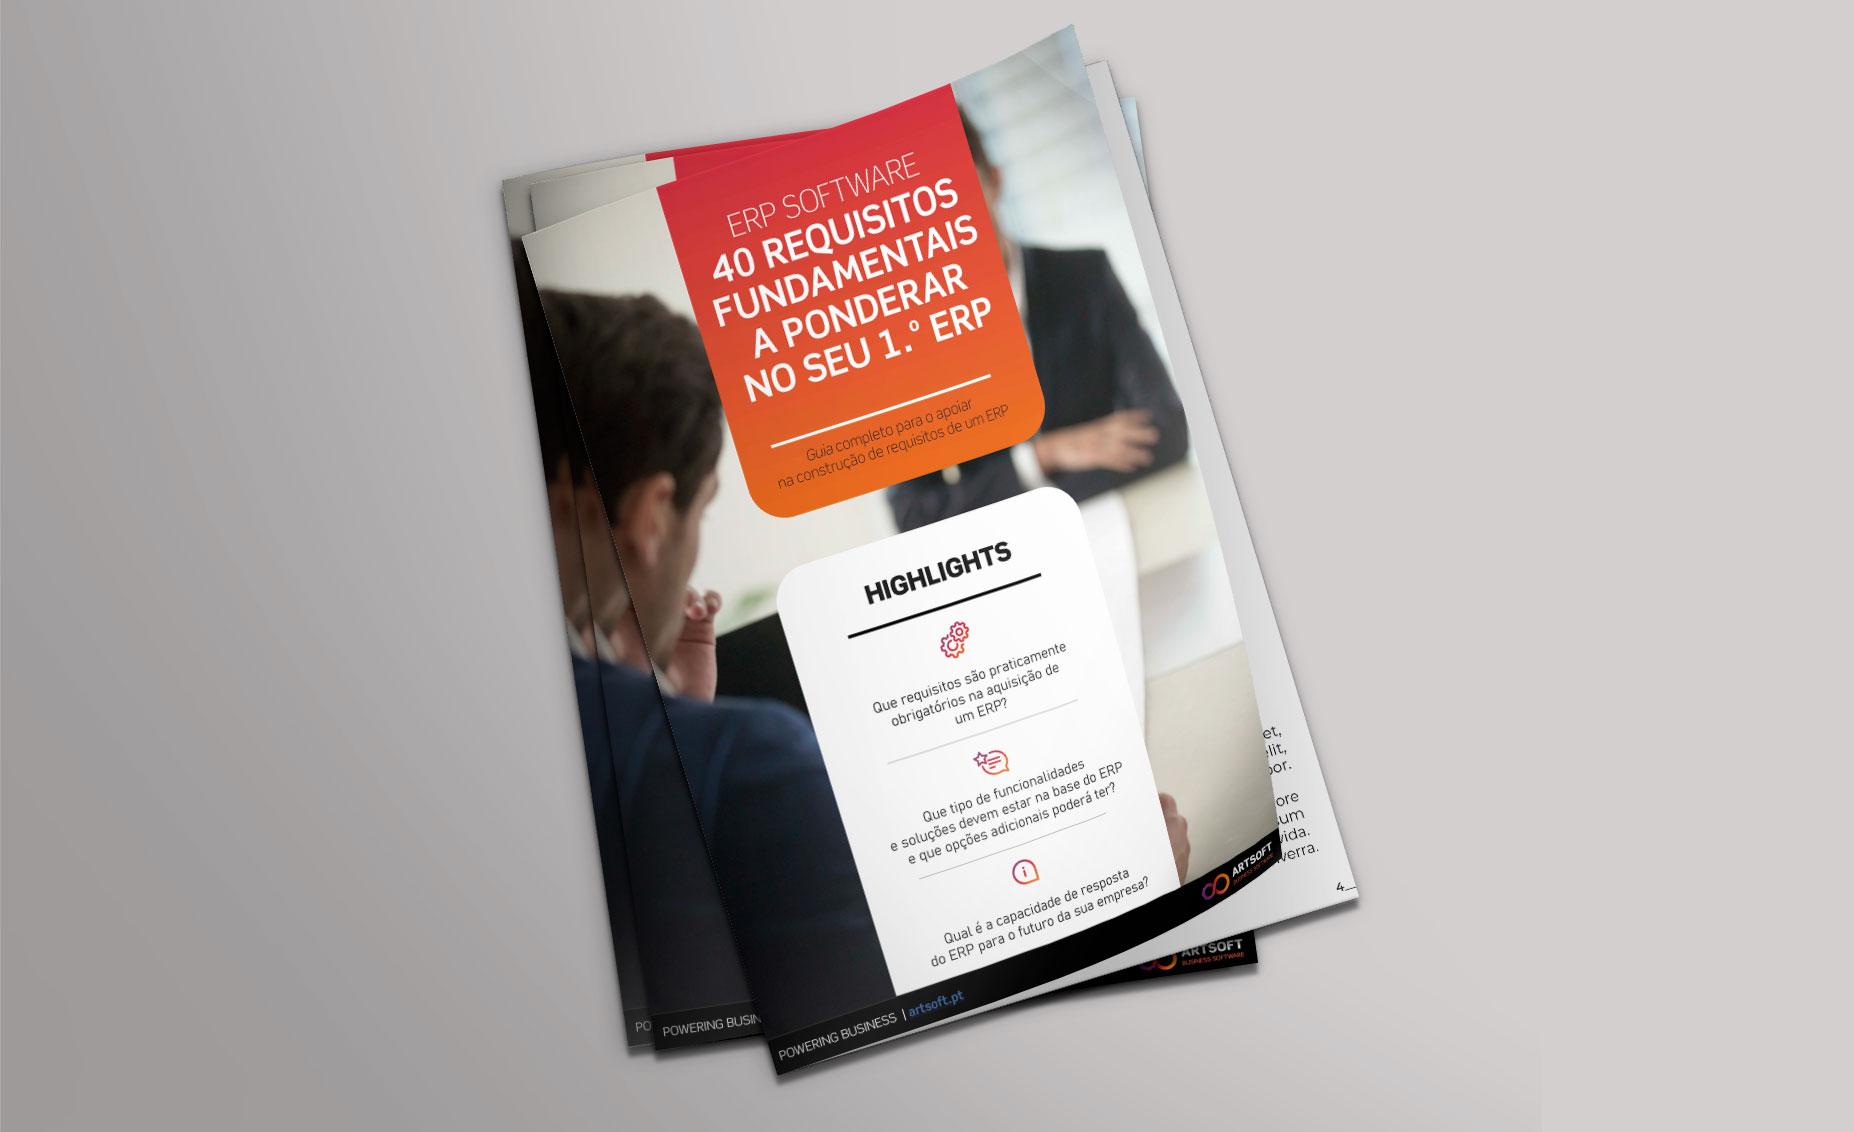 e-Book 40 requisitos fundamentais a ponderar no seu 1.º ERP